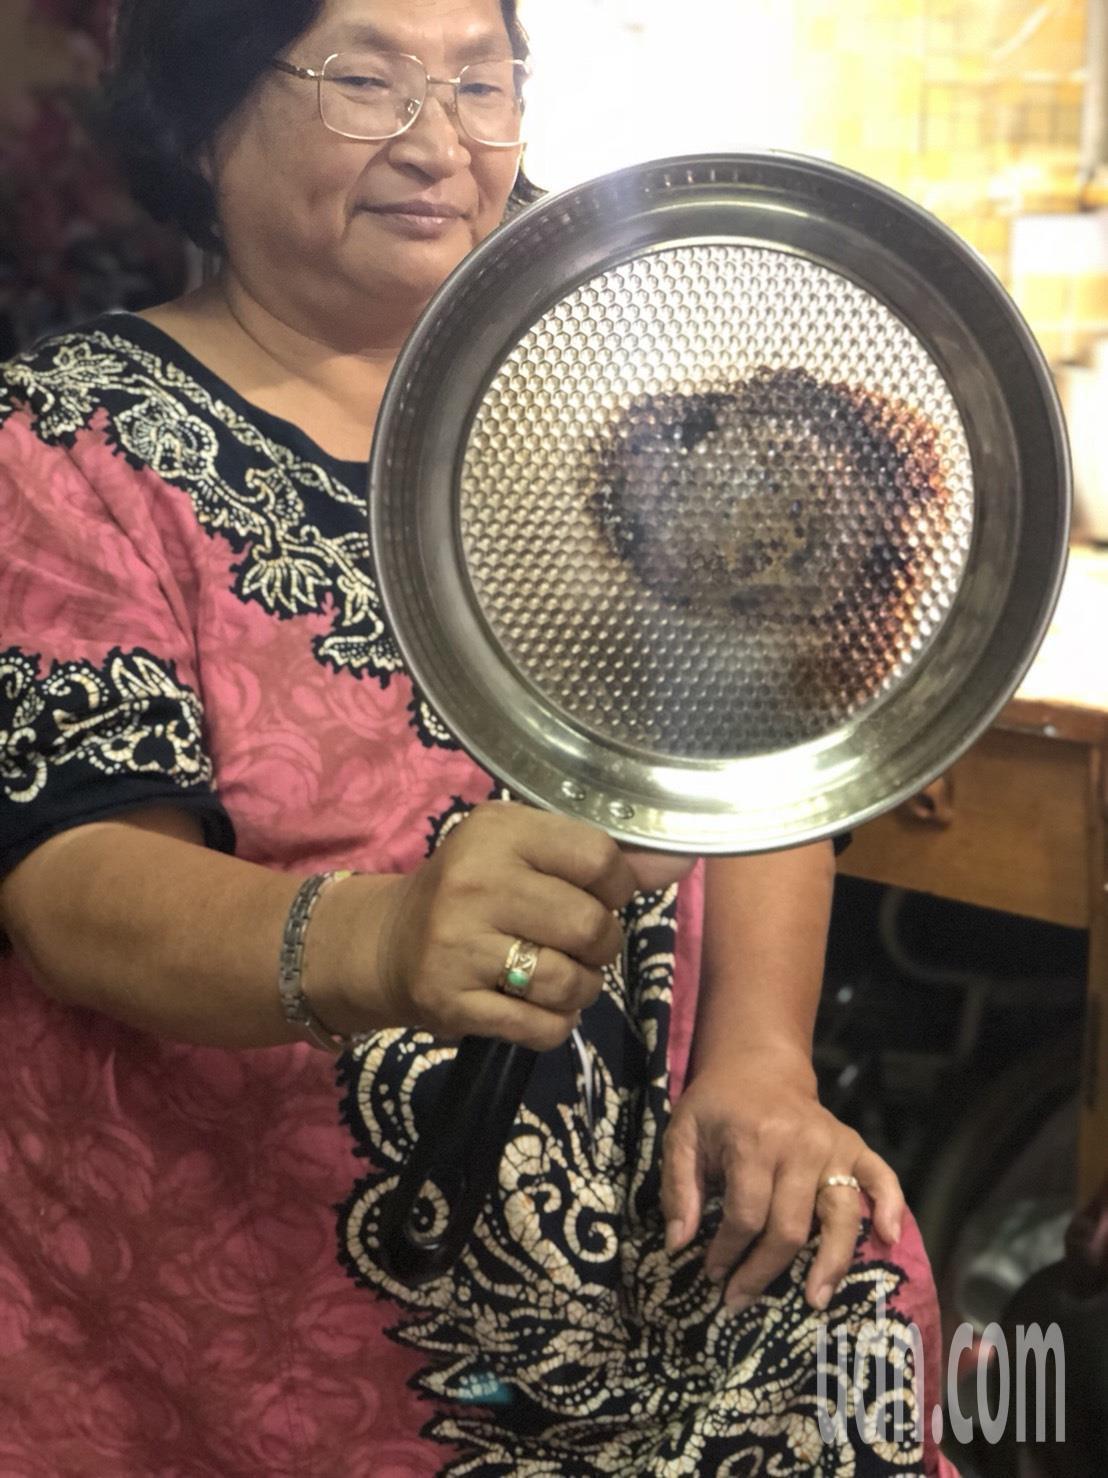 嘉義市婦人羅碧芳網購買鍋子,收到貨品發現品質不如預期,「鍋子薄到打架都會破」,一...